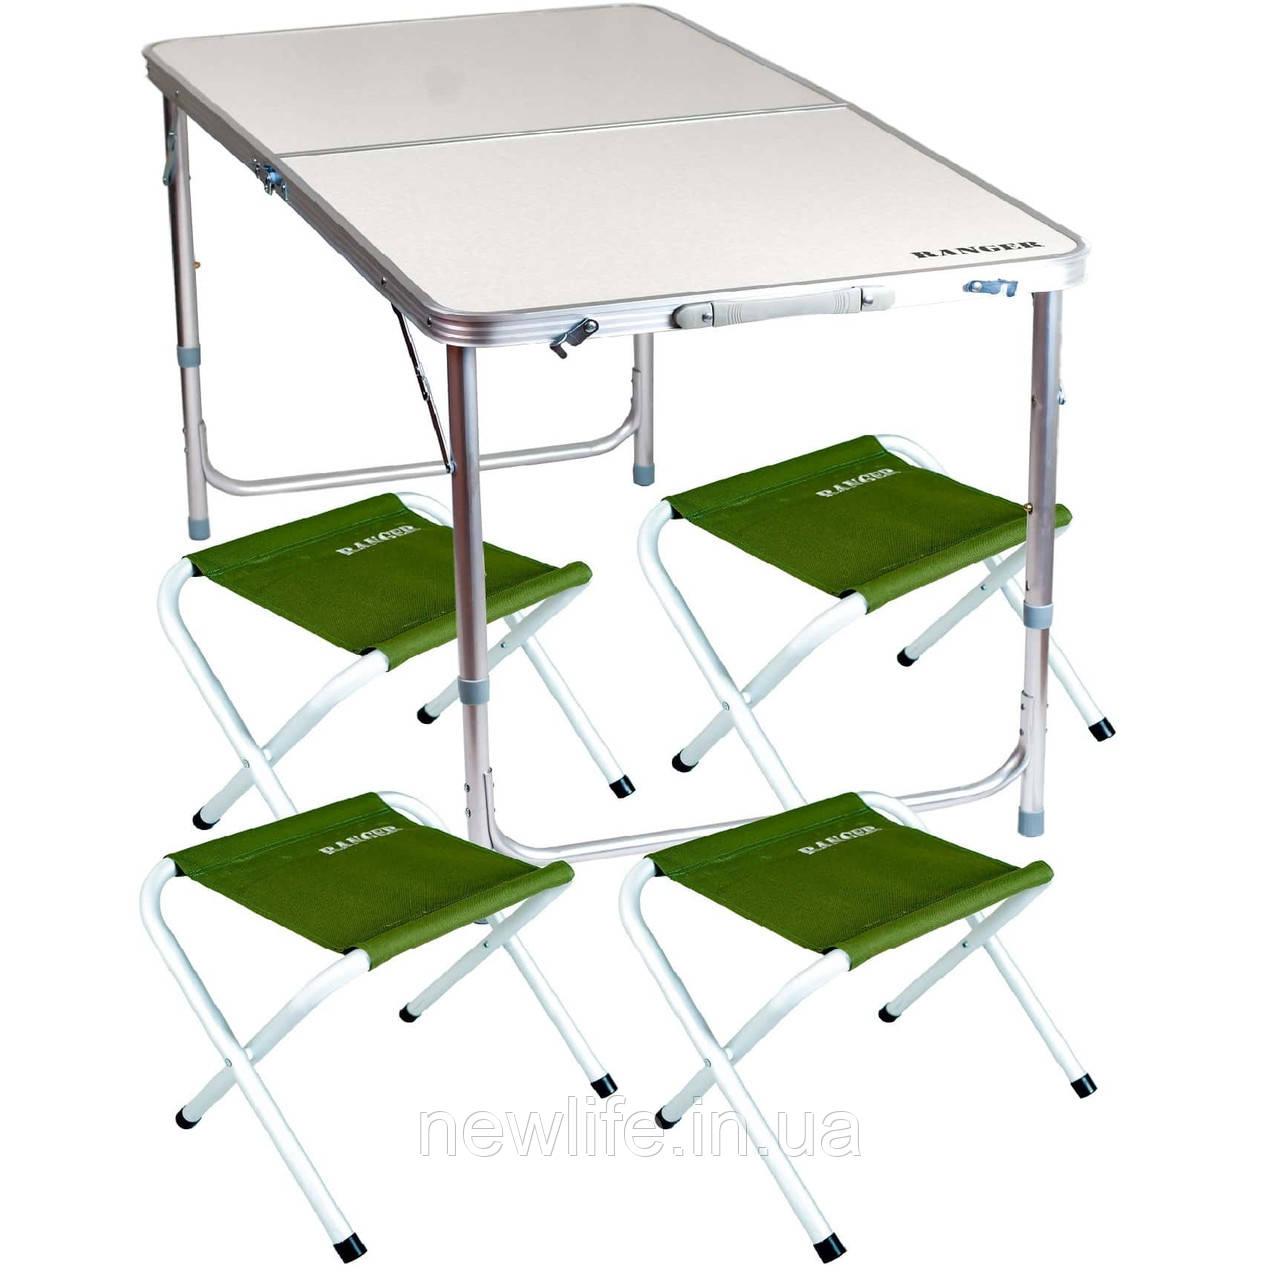 Комплект мебели складной Ranger ST 402